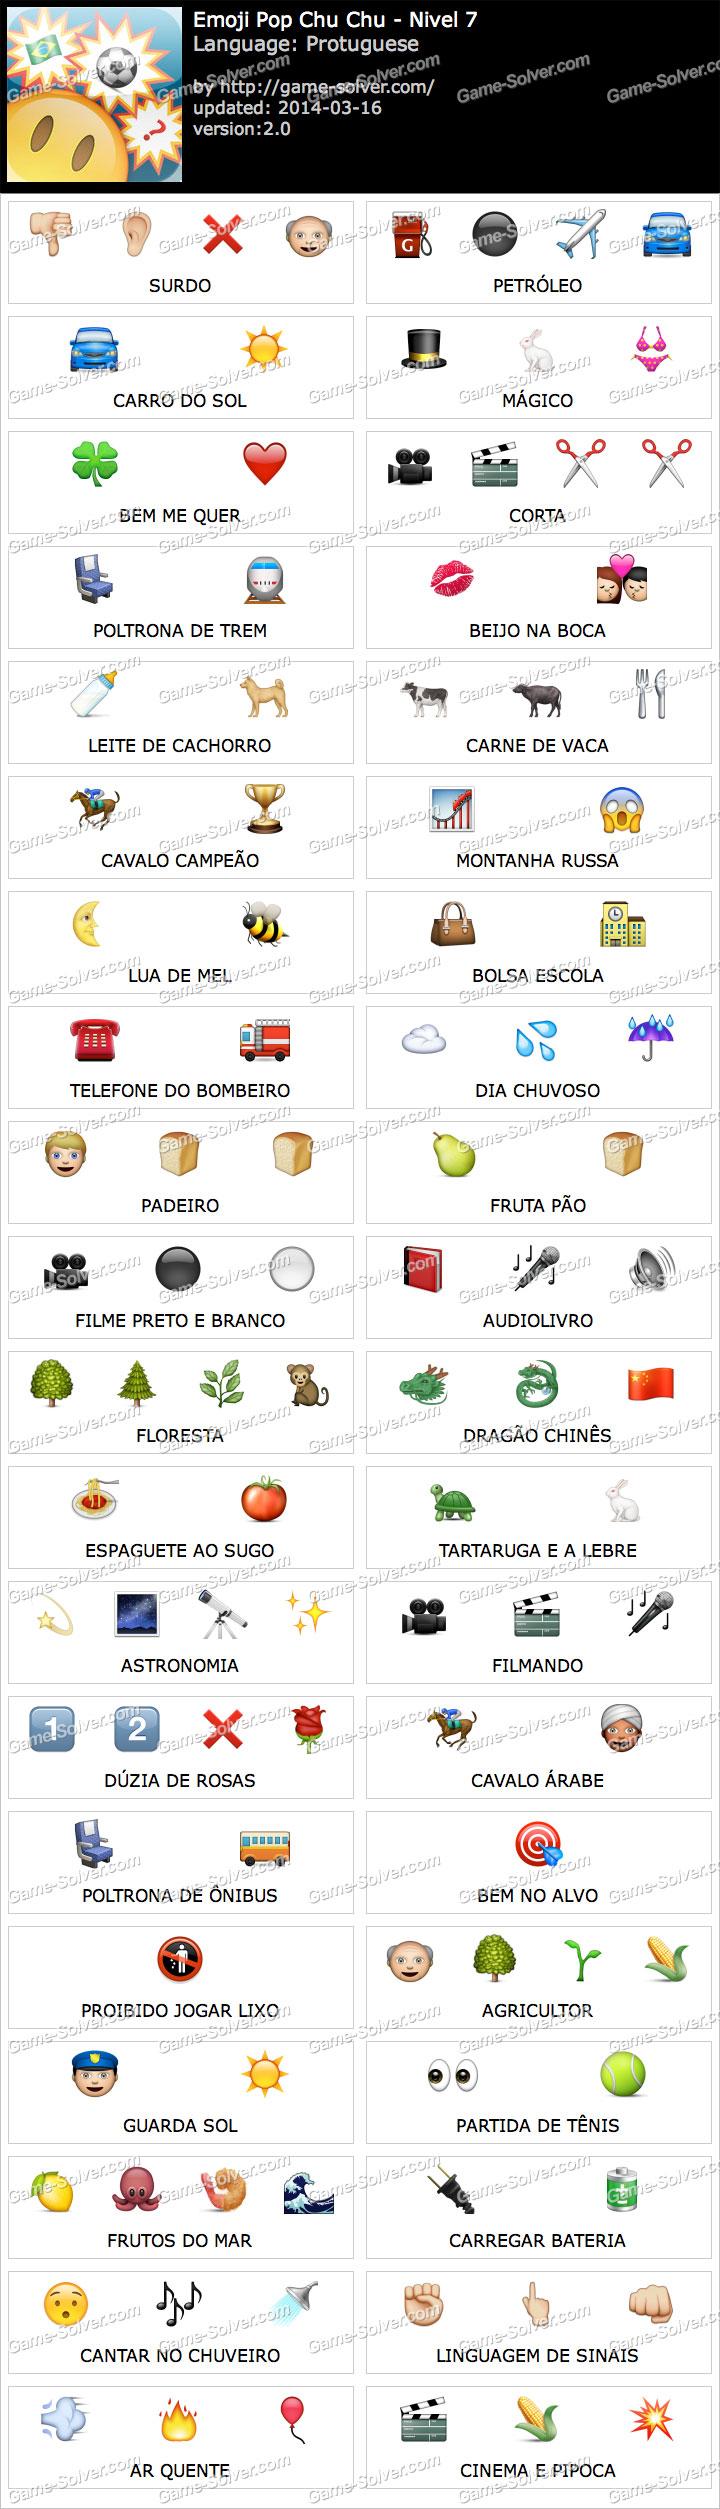 Emoji ChuChu Nivel 7